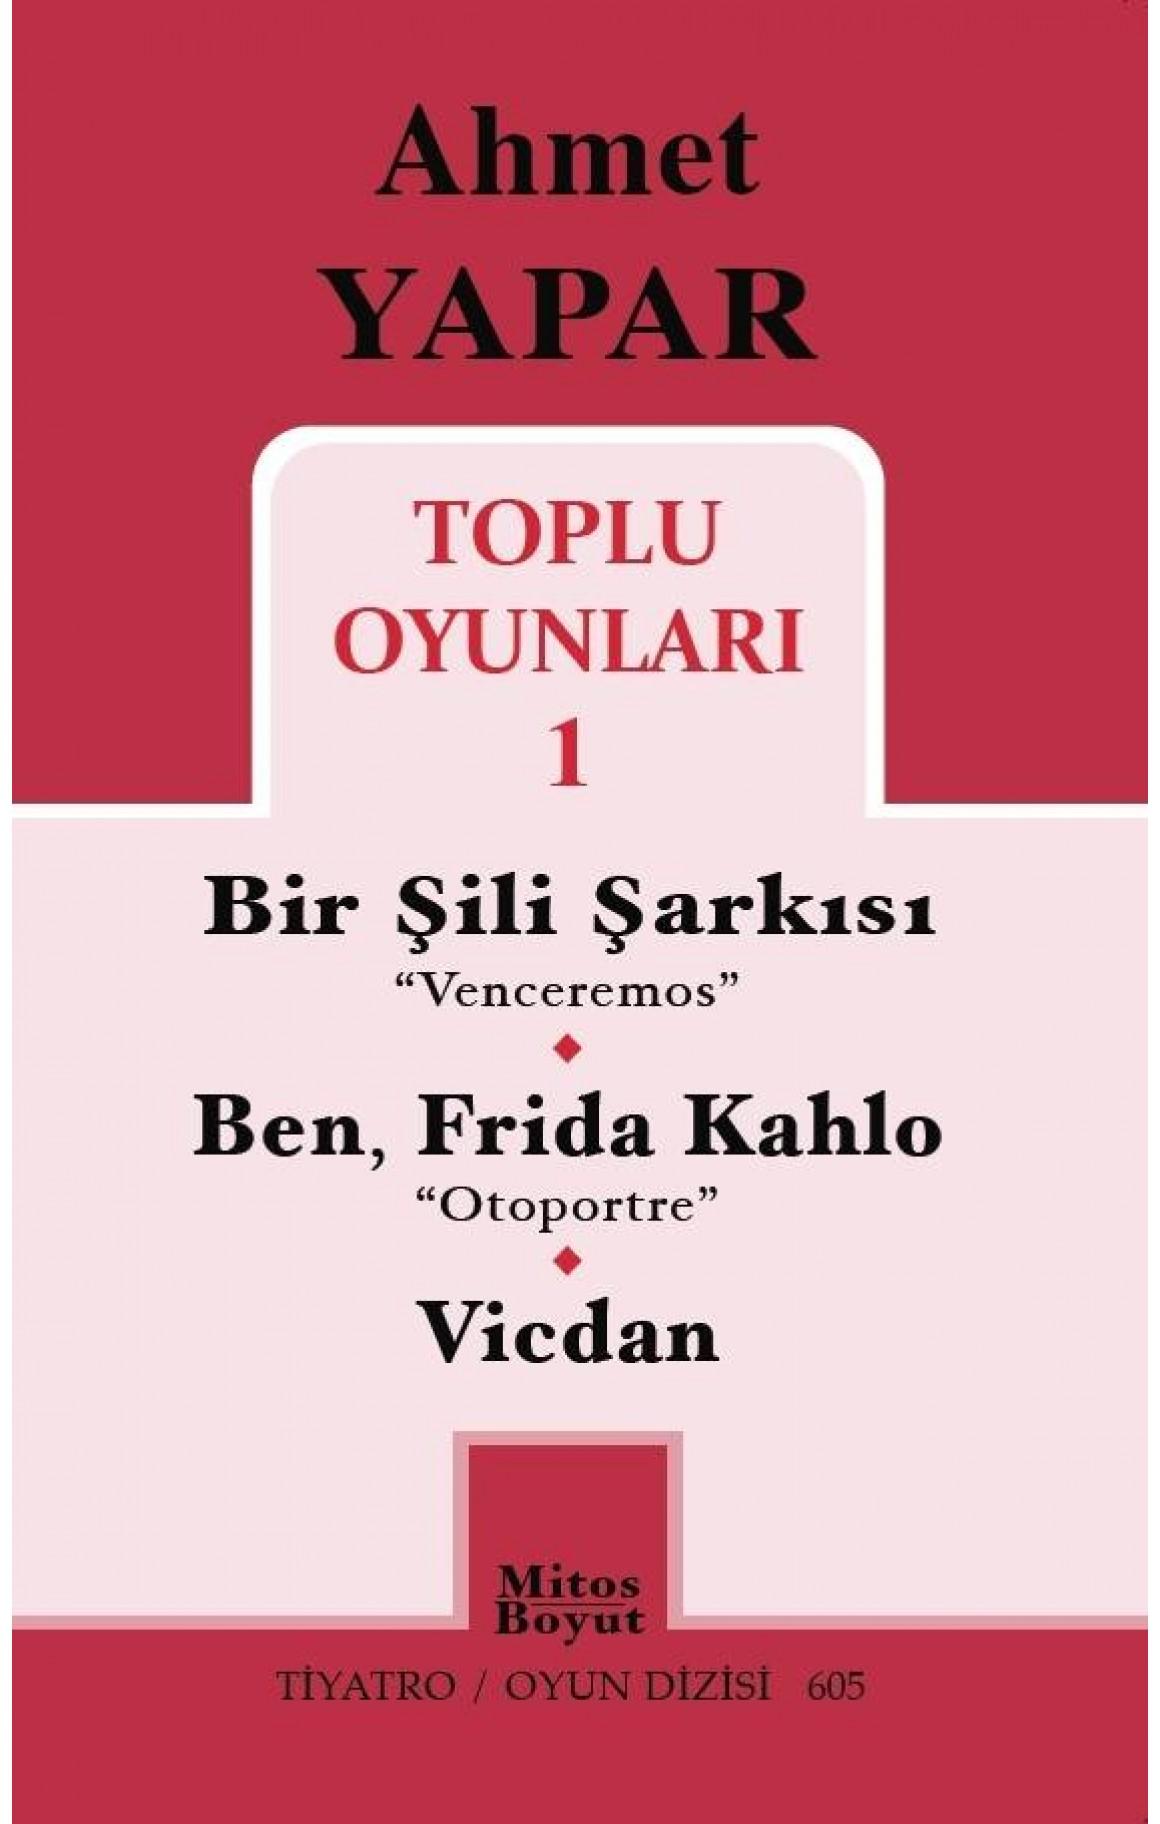 Ahmet Yapar Toplu Oyunları 1